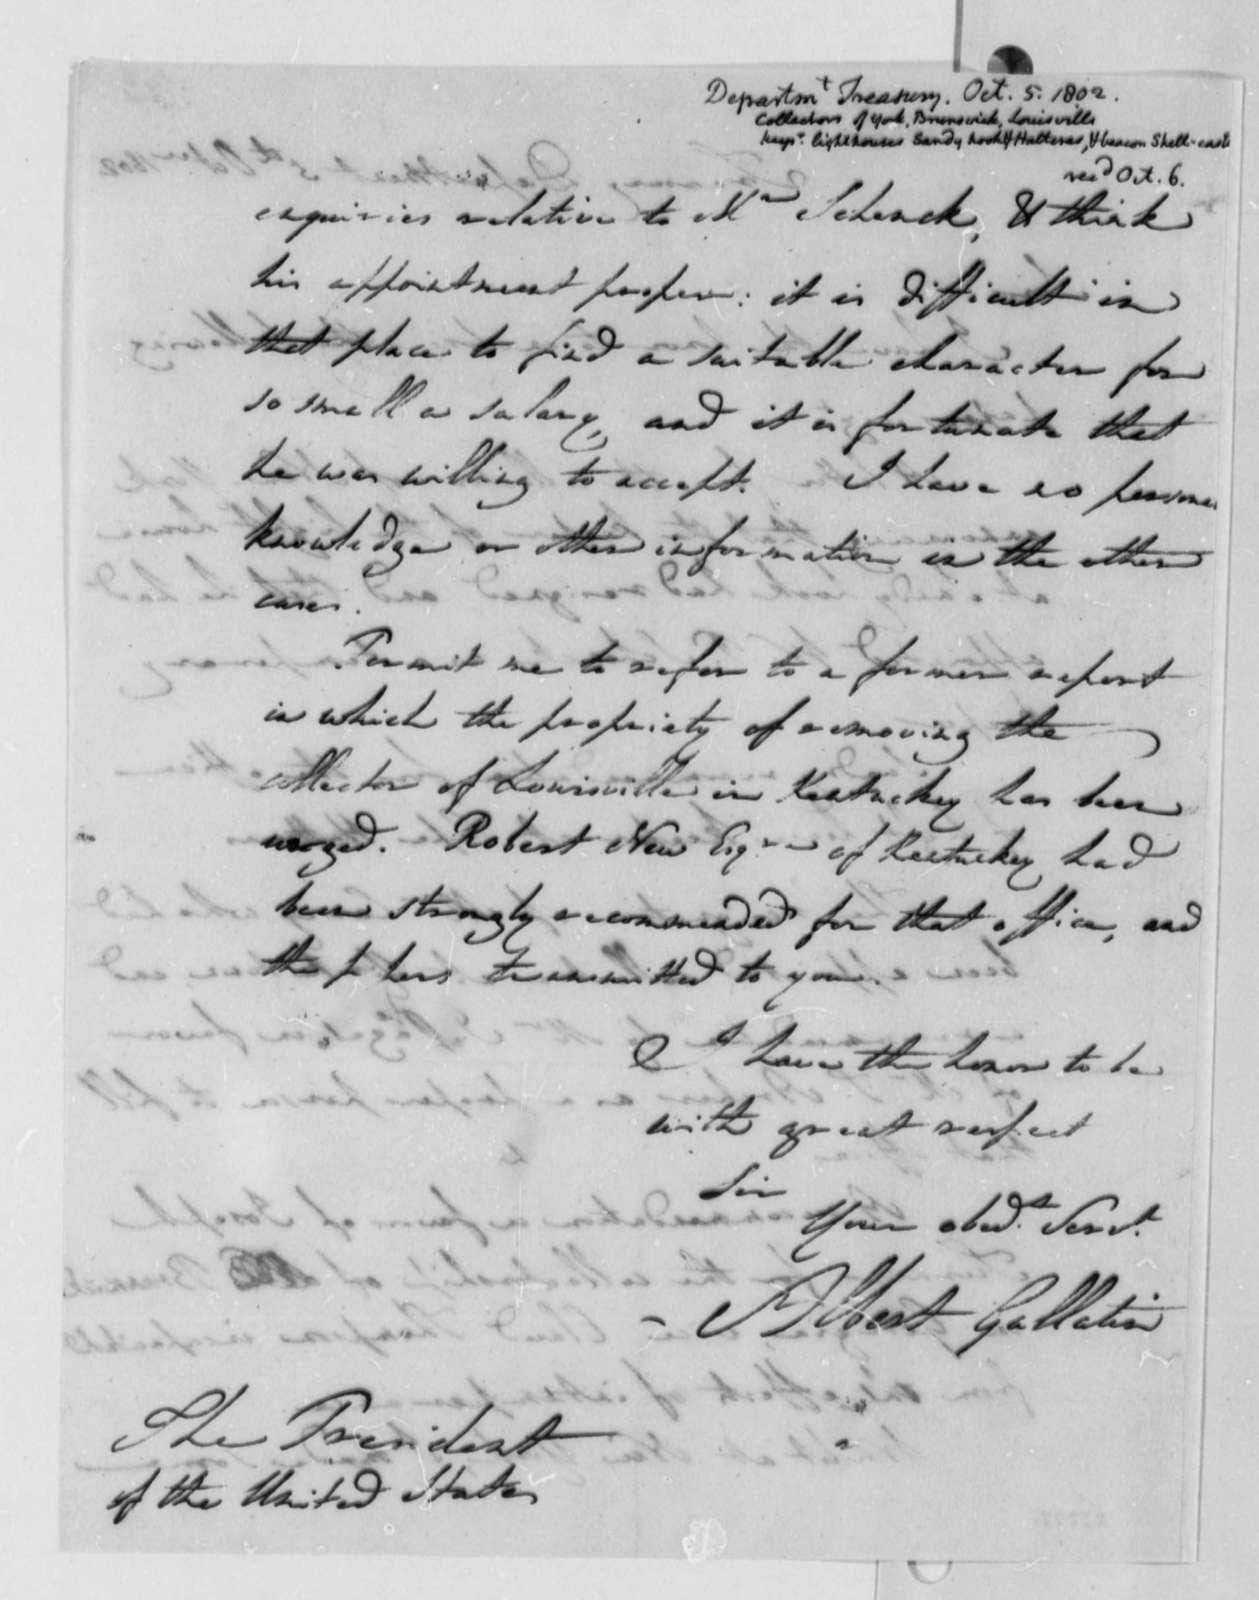 Albert Gallatin to Thomas Jefferson, October 5, 1802